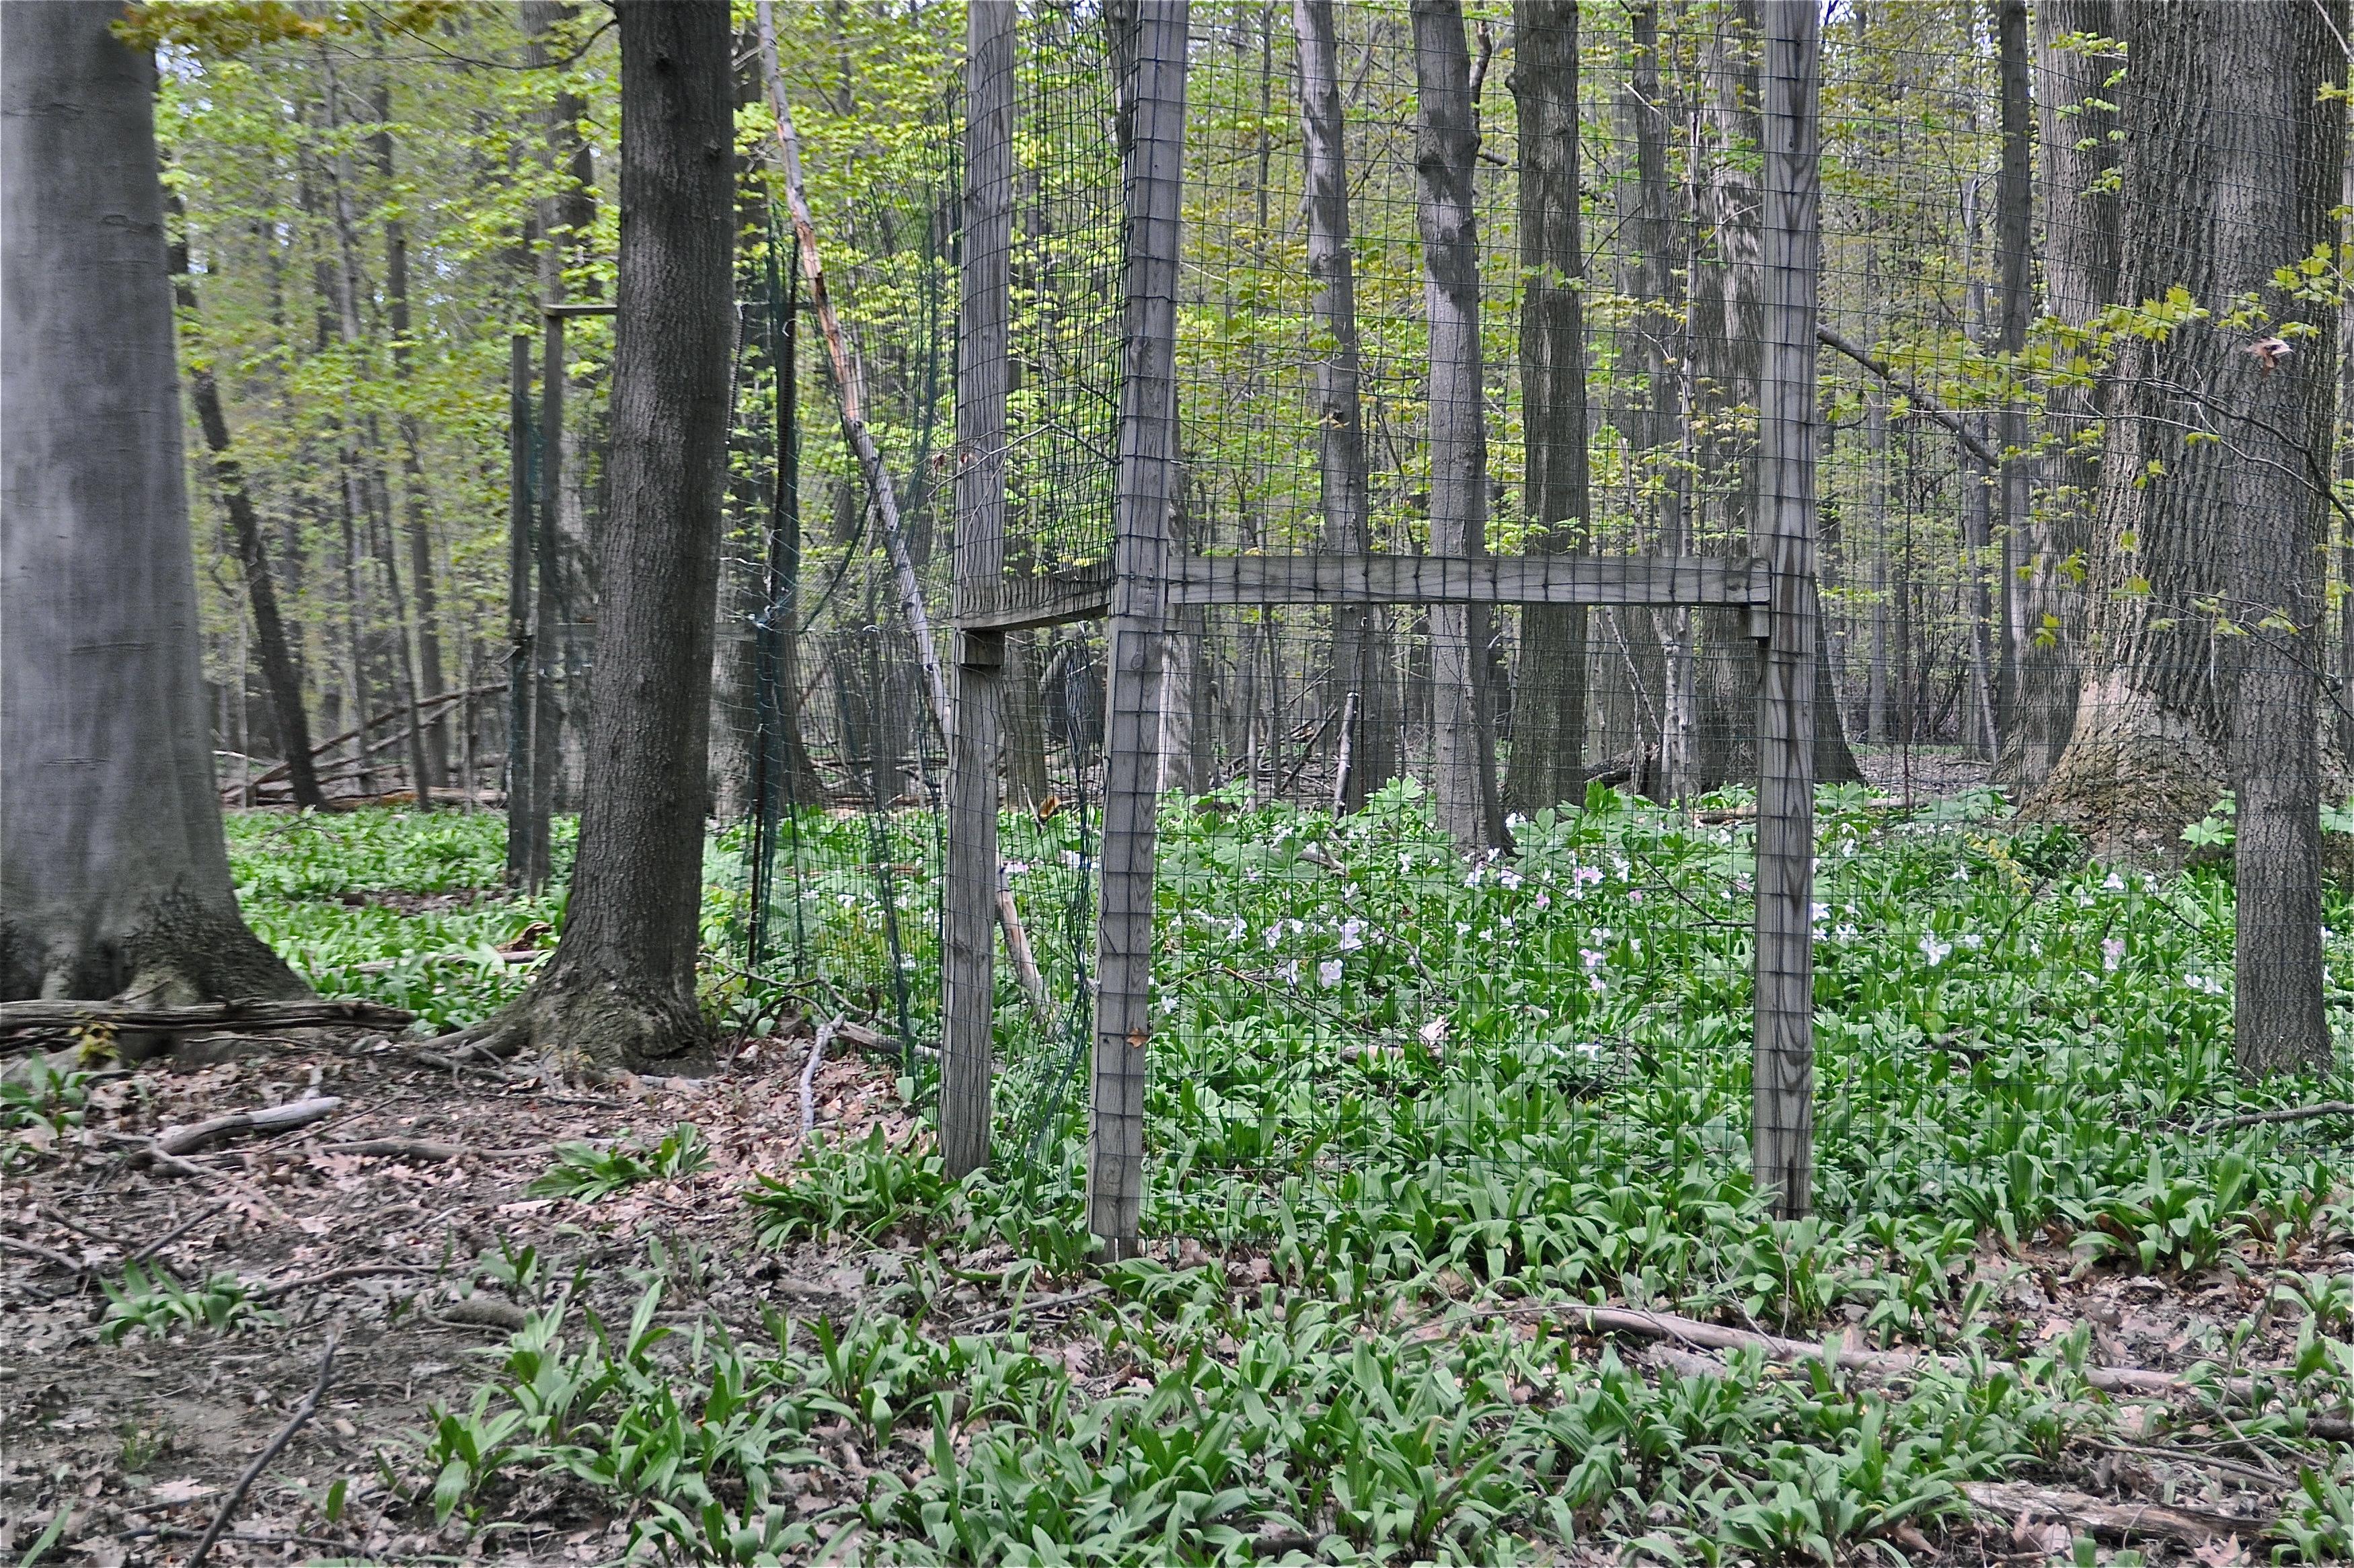 Deer Destroy Natural Habitat